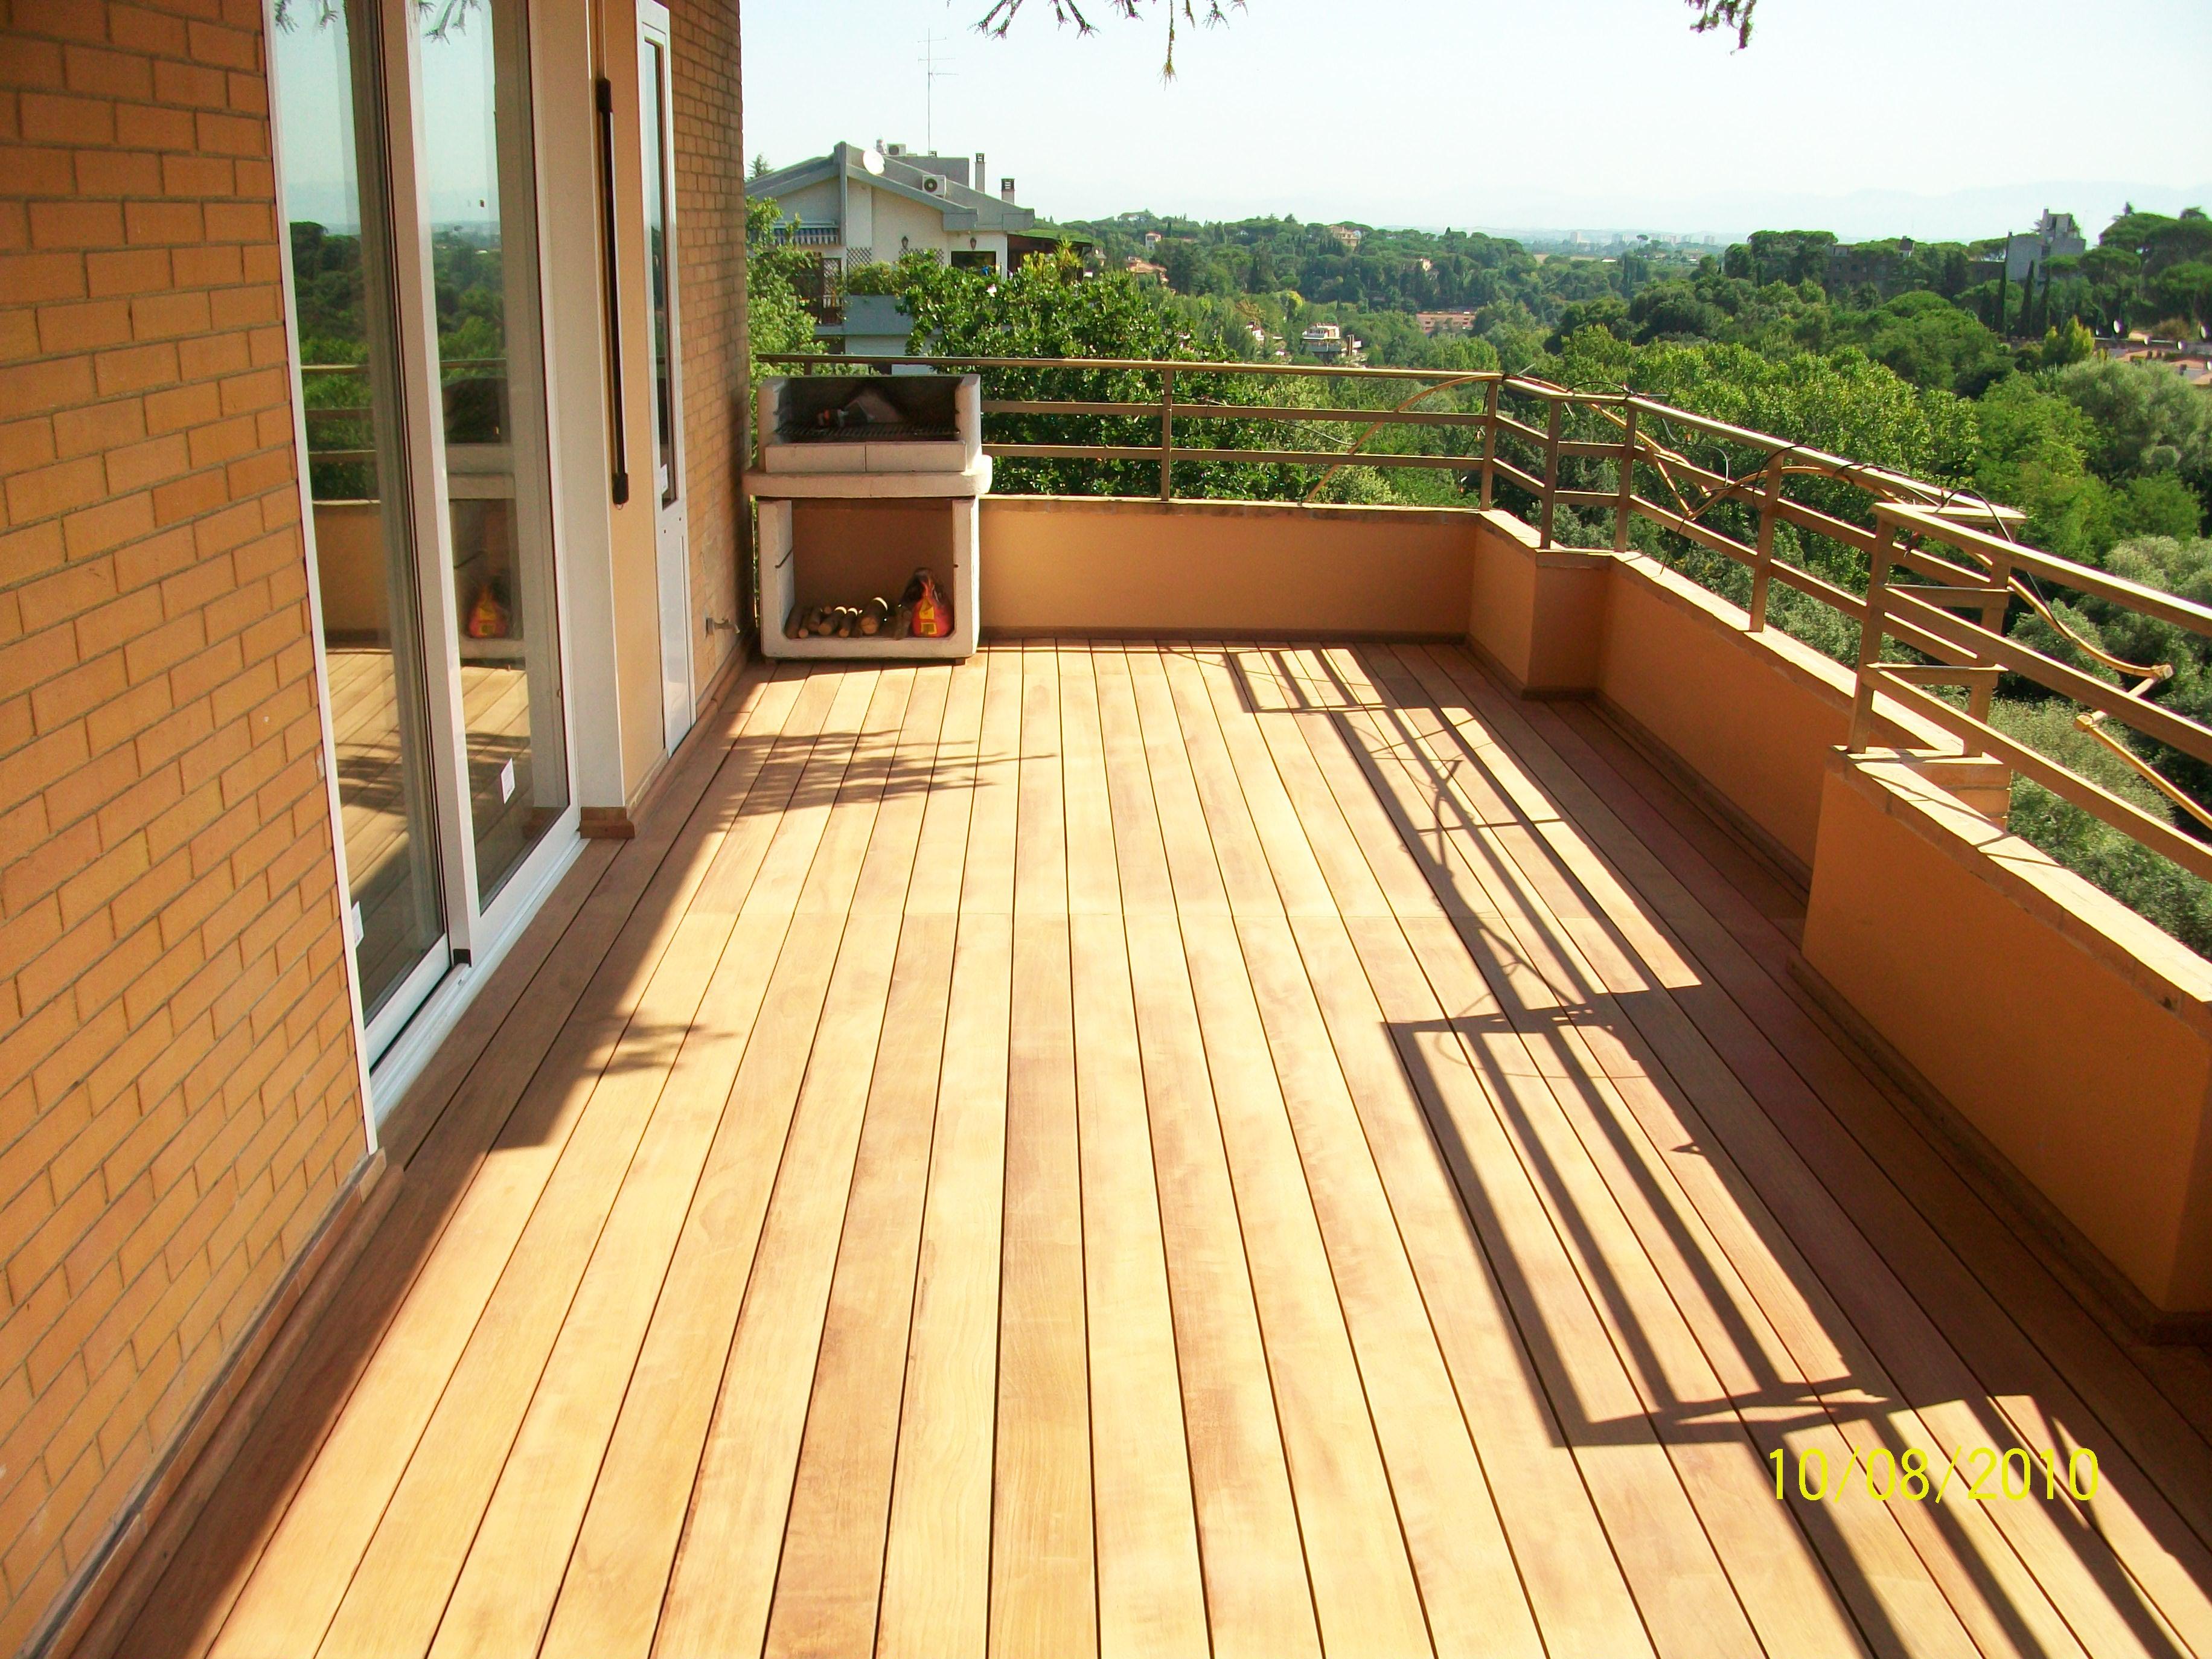 Progetto realizzazione pavimentazione in legno per balcone - Pavimentazione giardino in legno ...